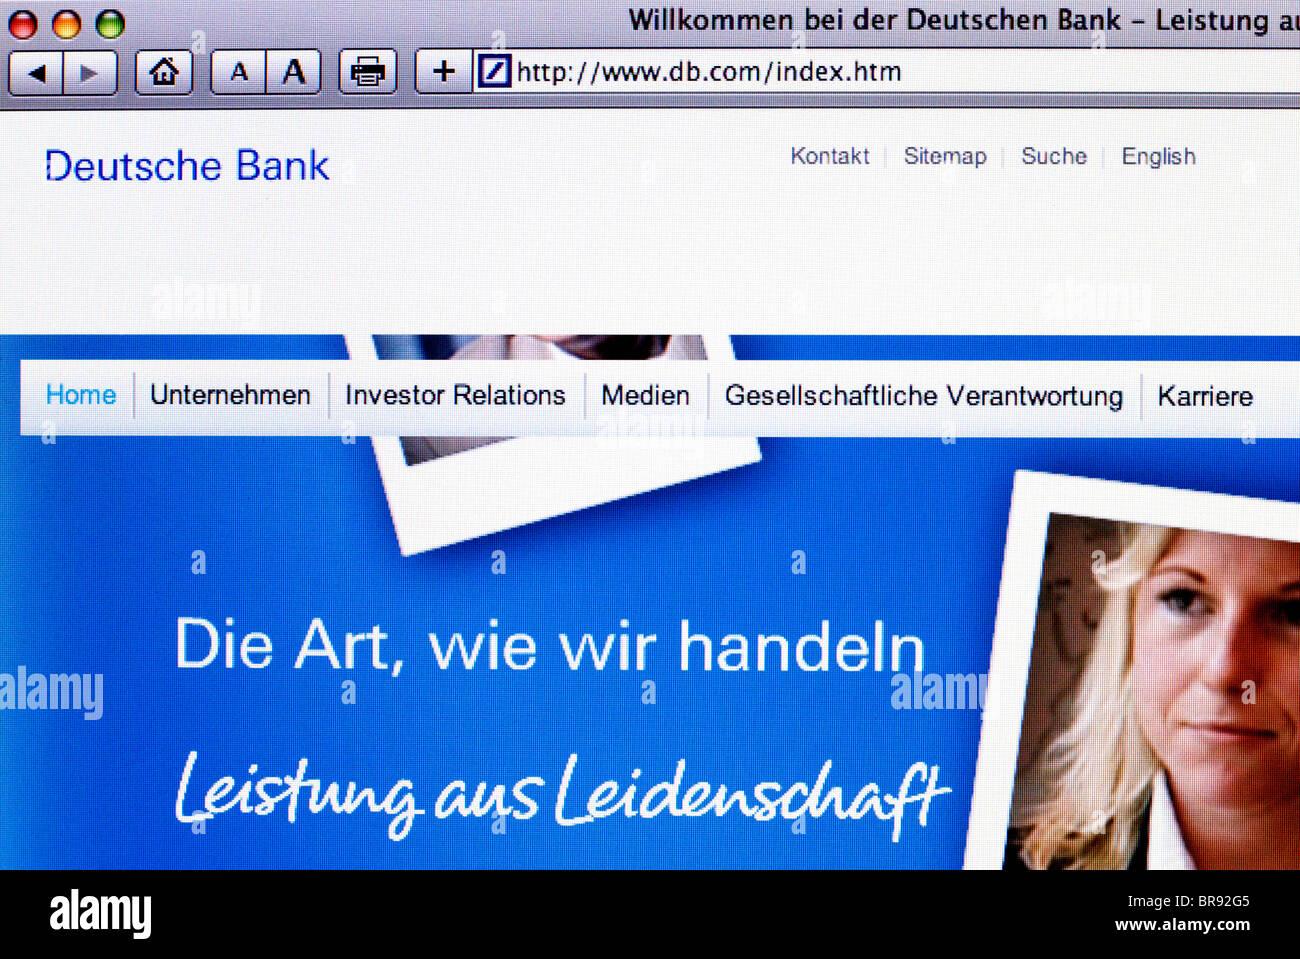 Deutsche Bank website Screenshot - Stock Image